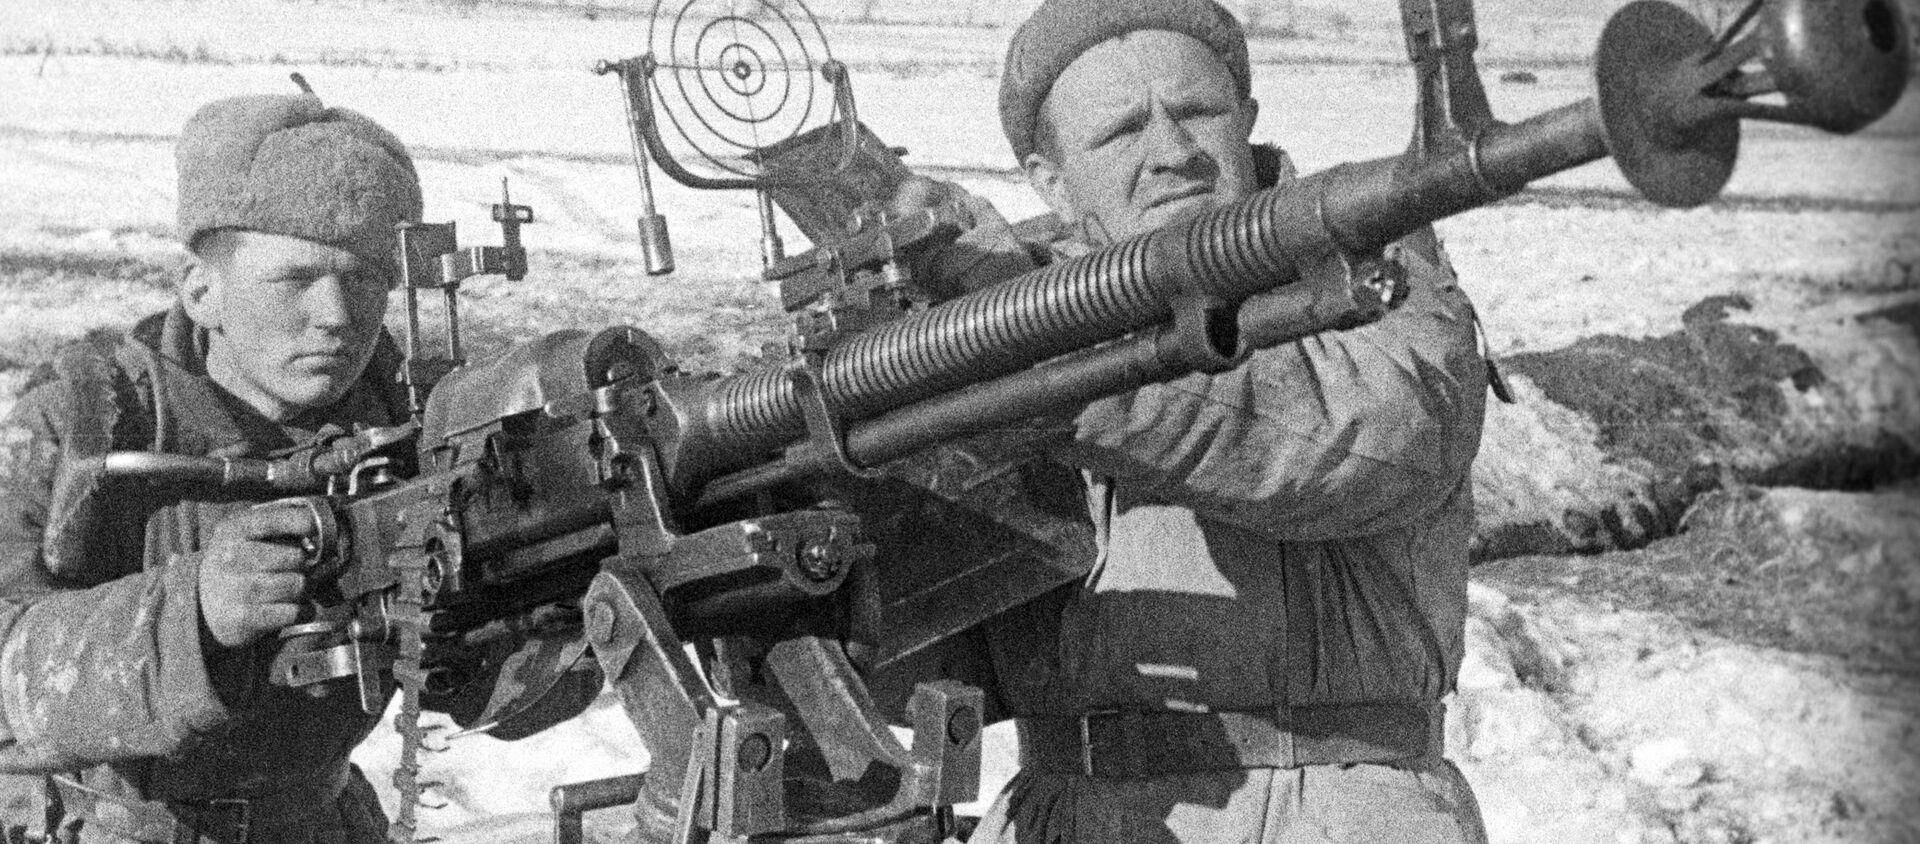 Los efectivos de la defensa antiaérea soviética durante la Segunda Guerra Mundial - Sputnik Mundo, 1920, 08.05.2020